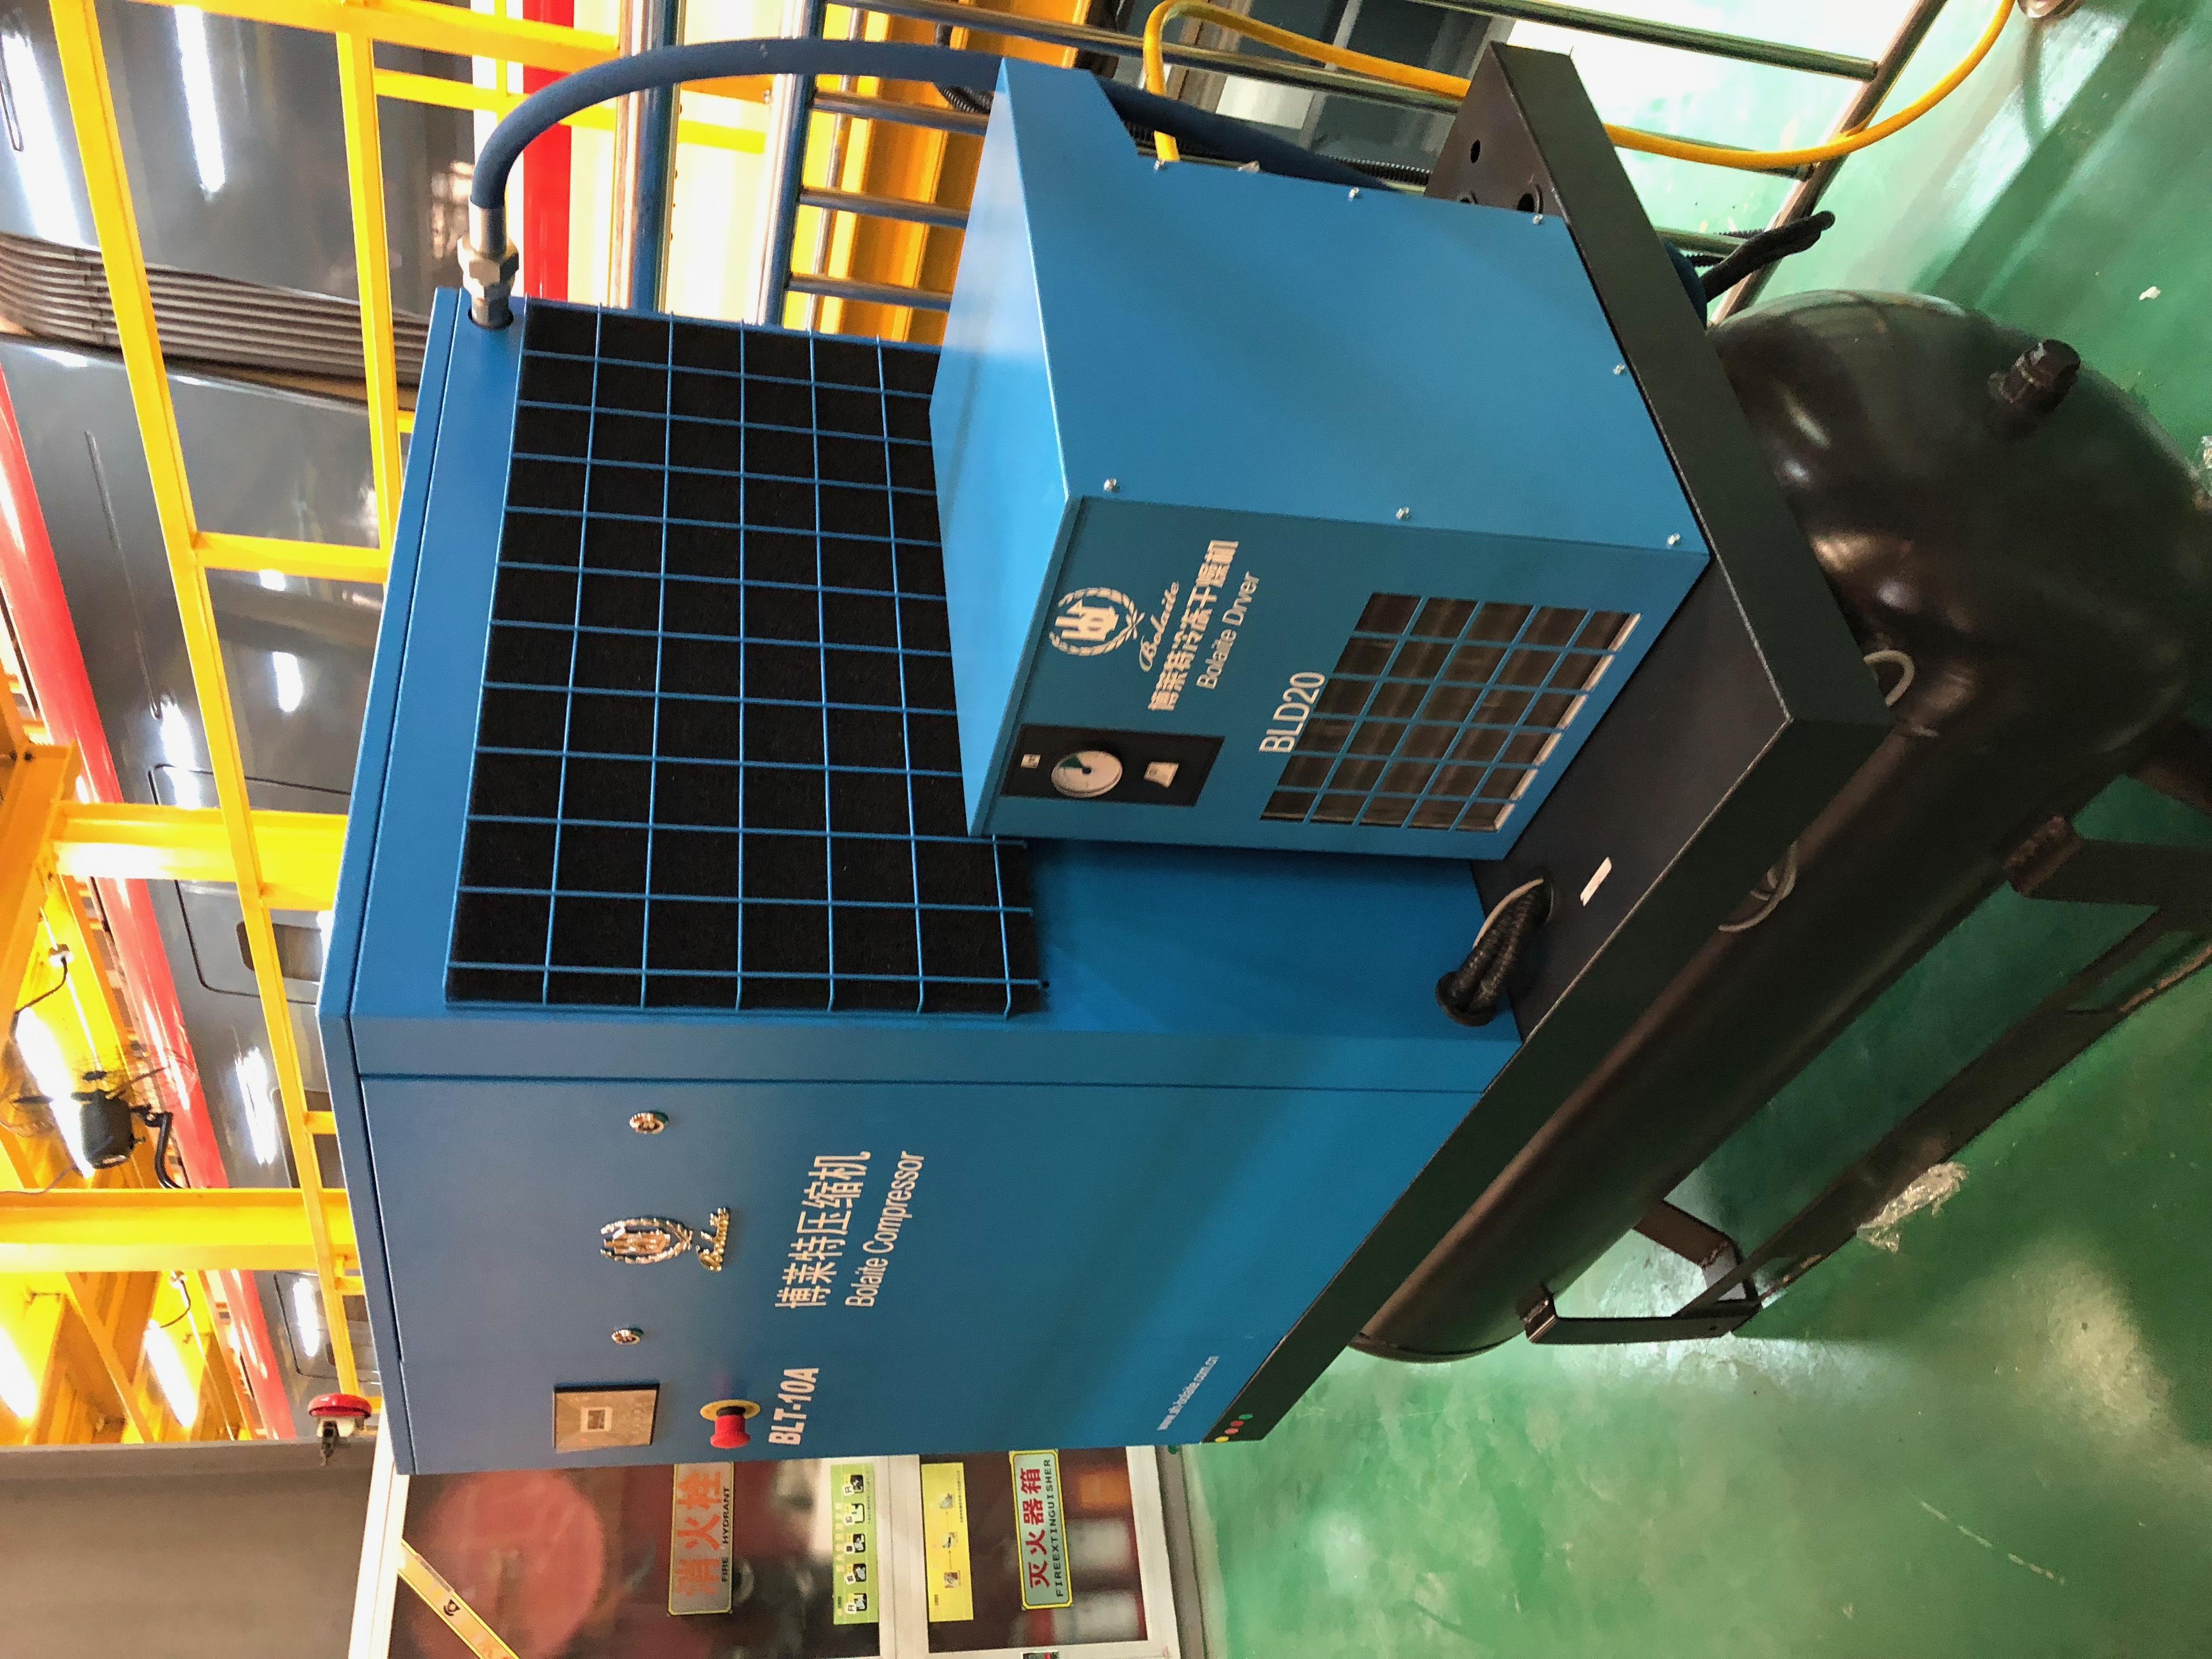 博莱特螺杆空压机15KW,和18.5KW,油滤,空滤,油分心,皮带的型号,急求,请分类?